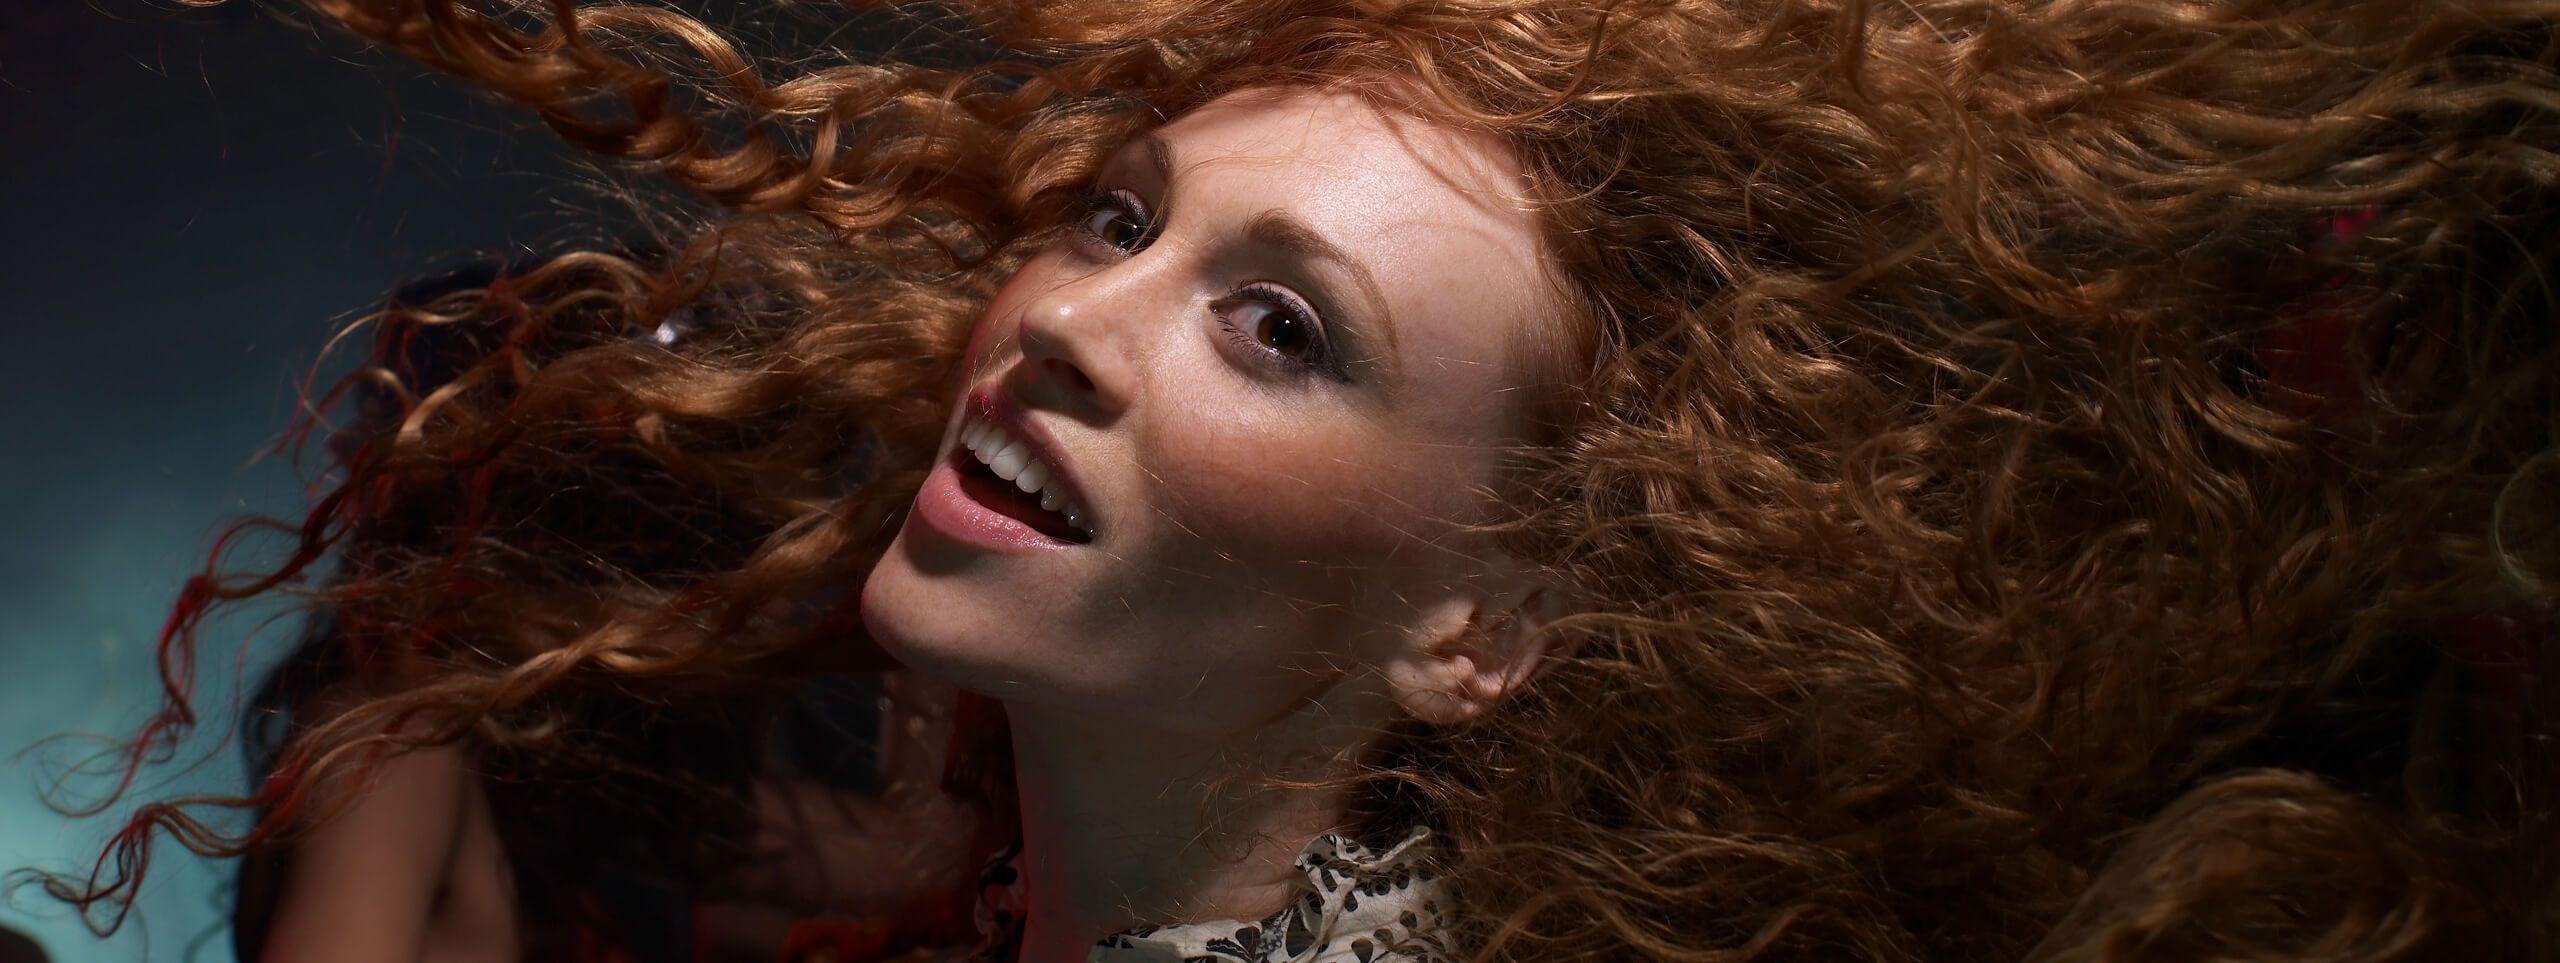 Femme rousse aux cheveux ondulés dans le vent